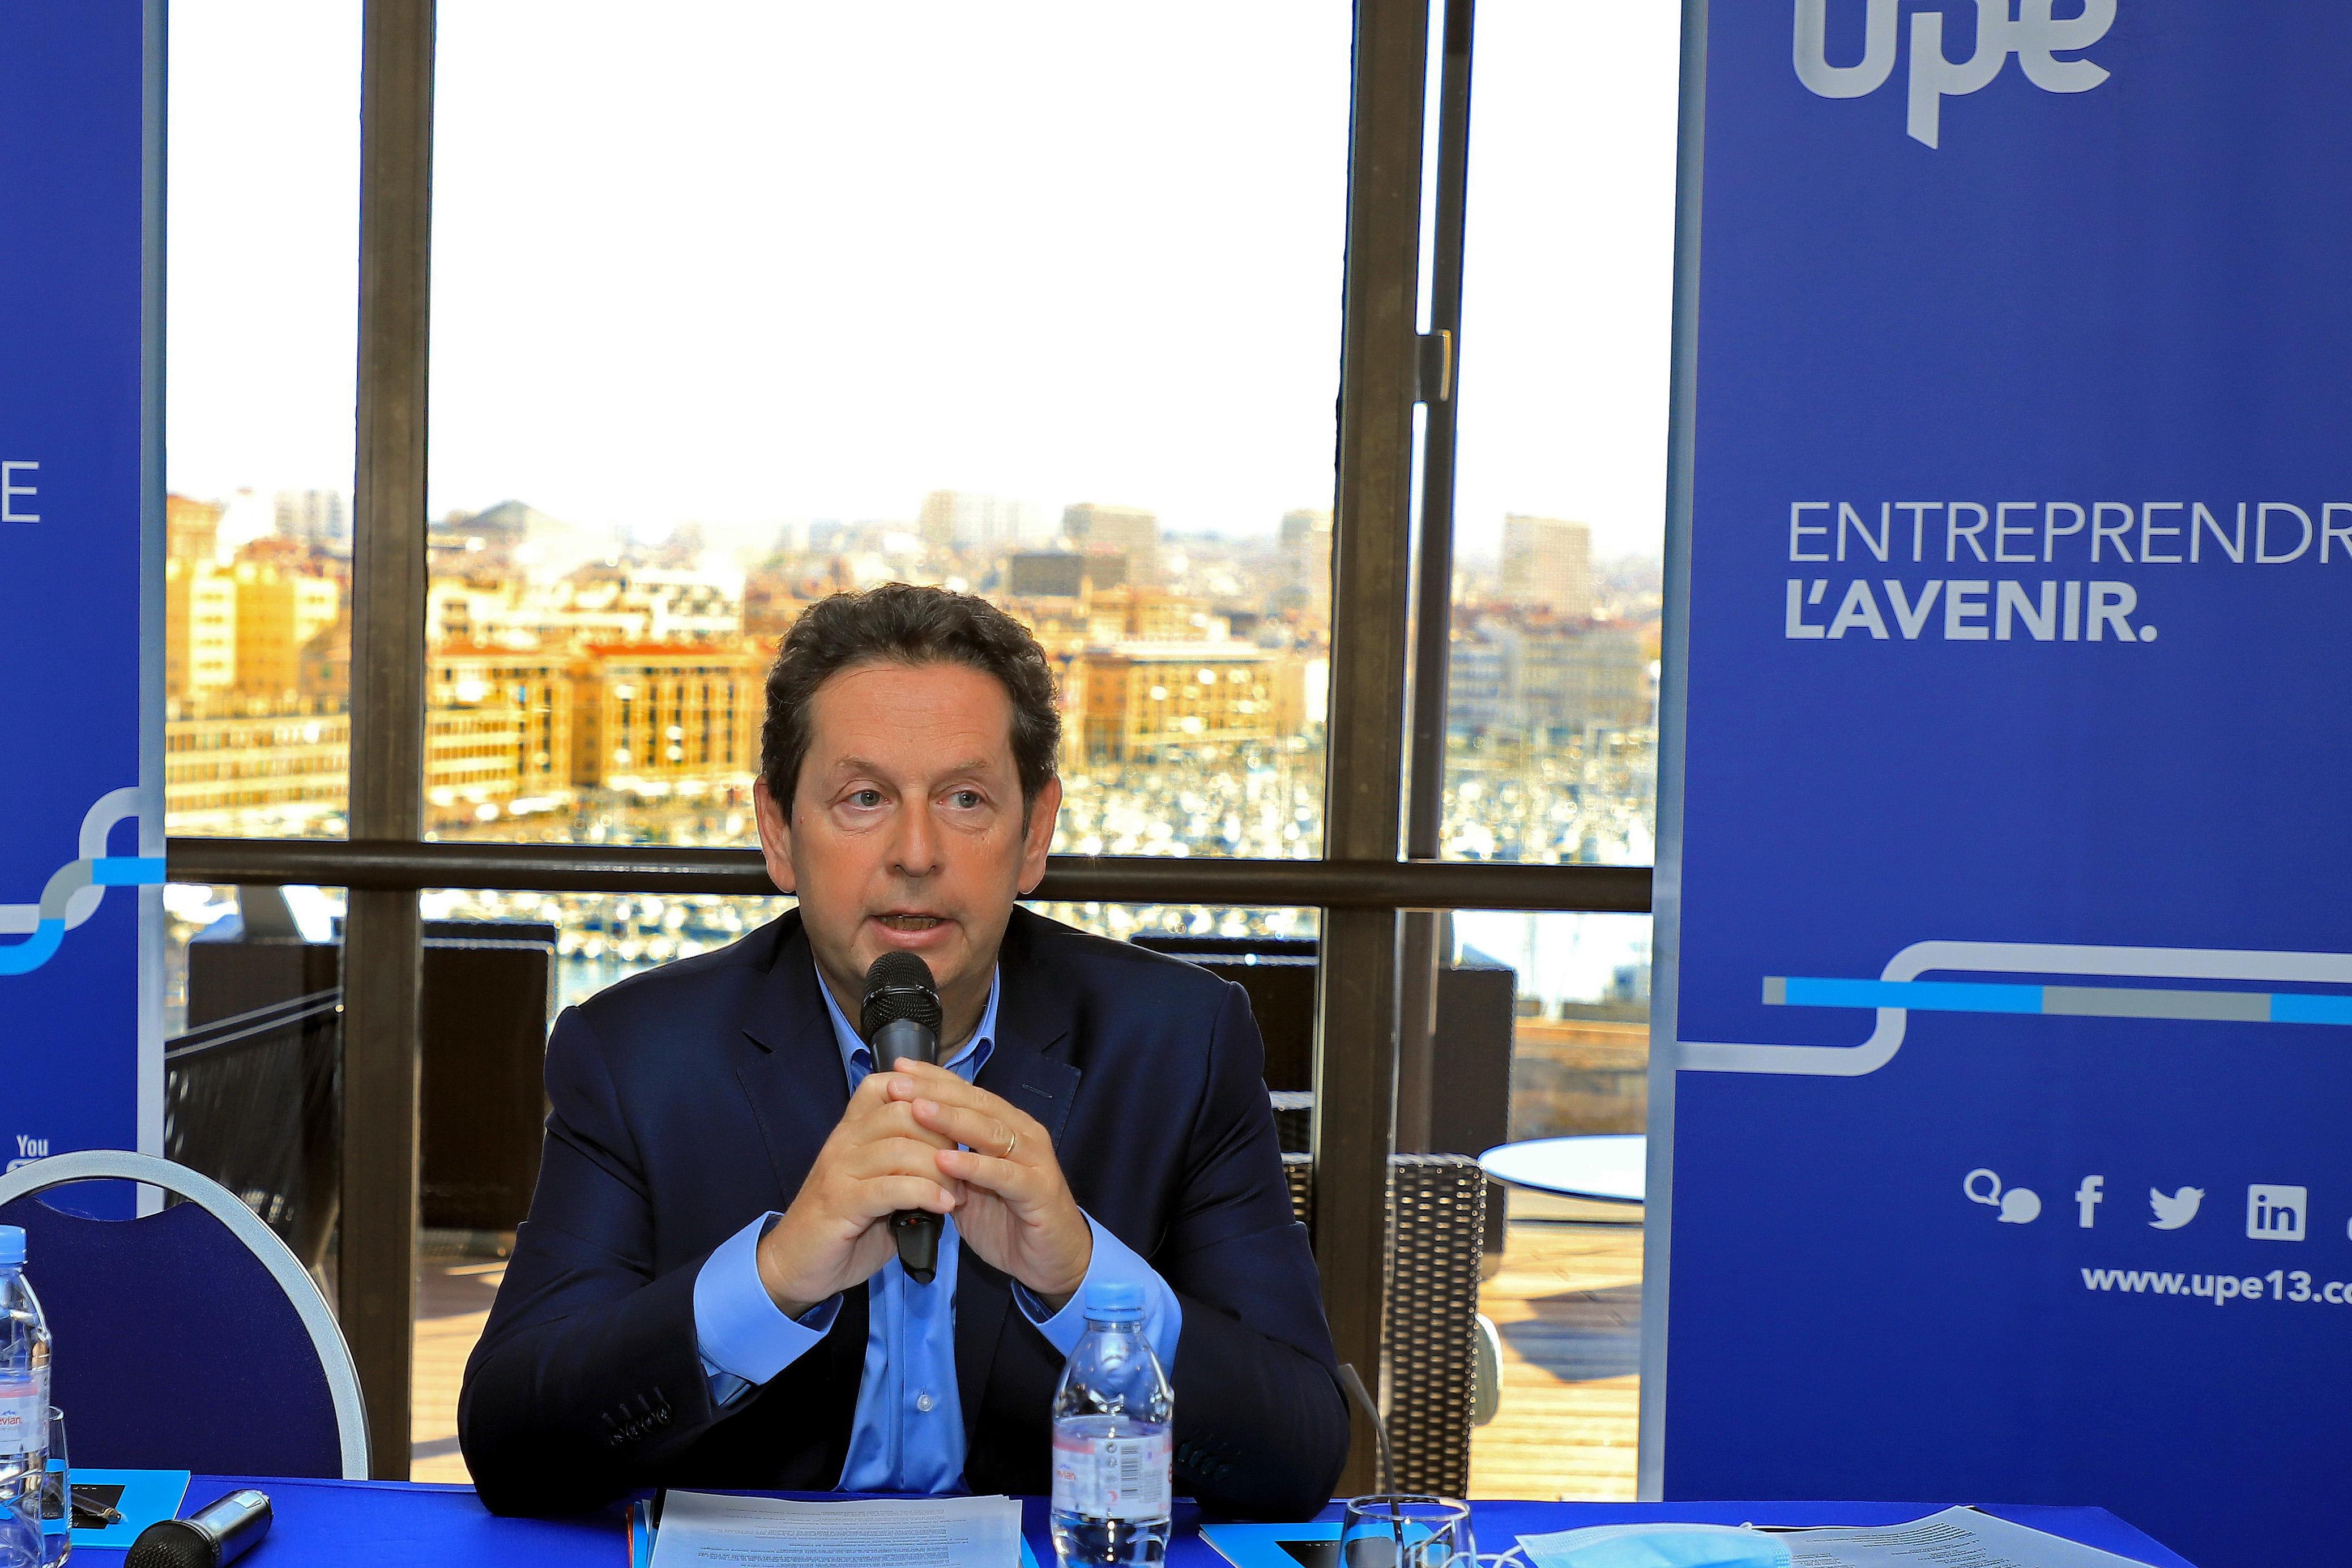 Philippe Korcia, président de l'Upe 13. ©Robert Poulain